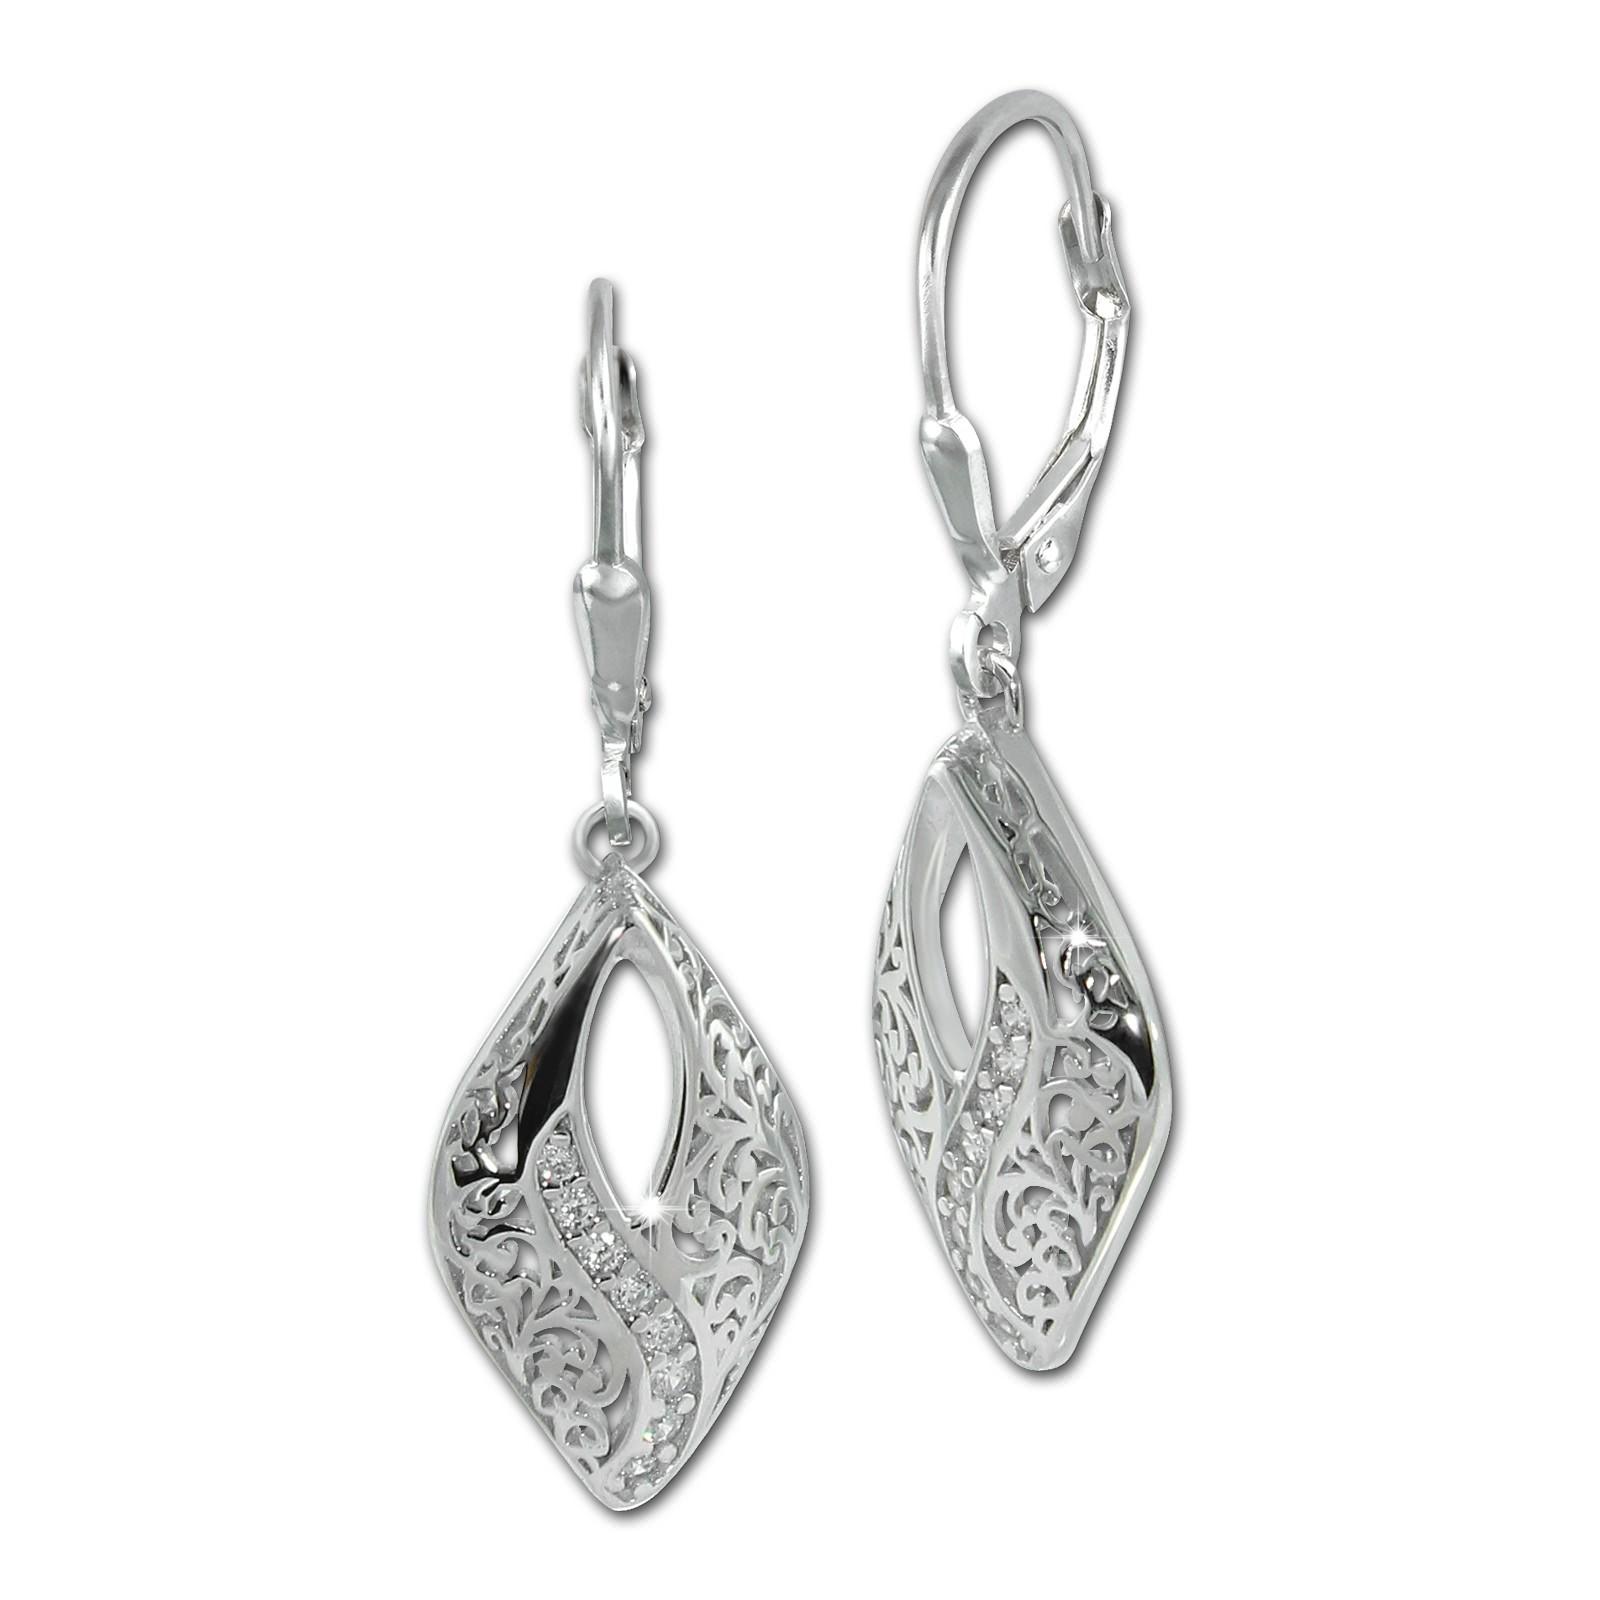 SilberDream Ohrhänger Orient Zirkonia weiß 925 Sterling Silber Damen SDO4384W